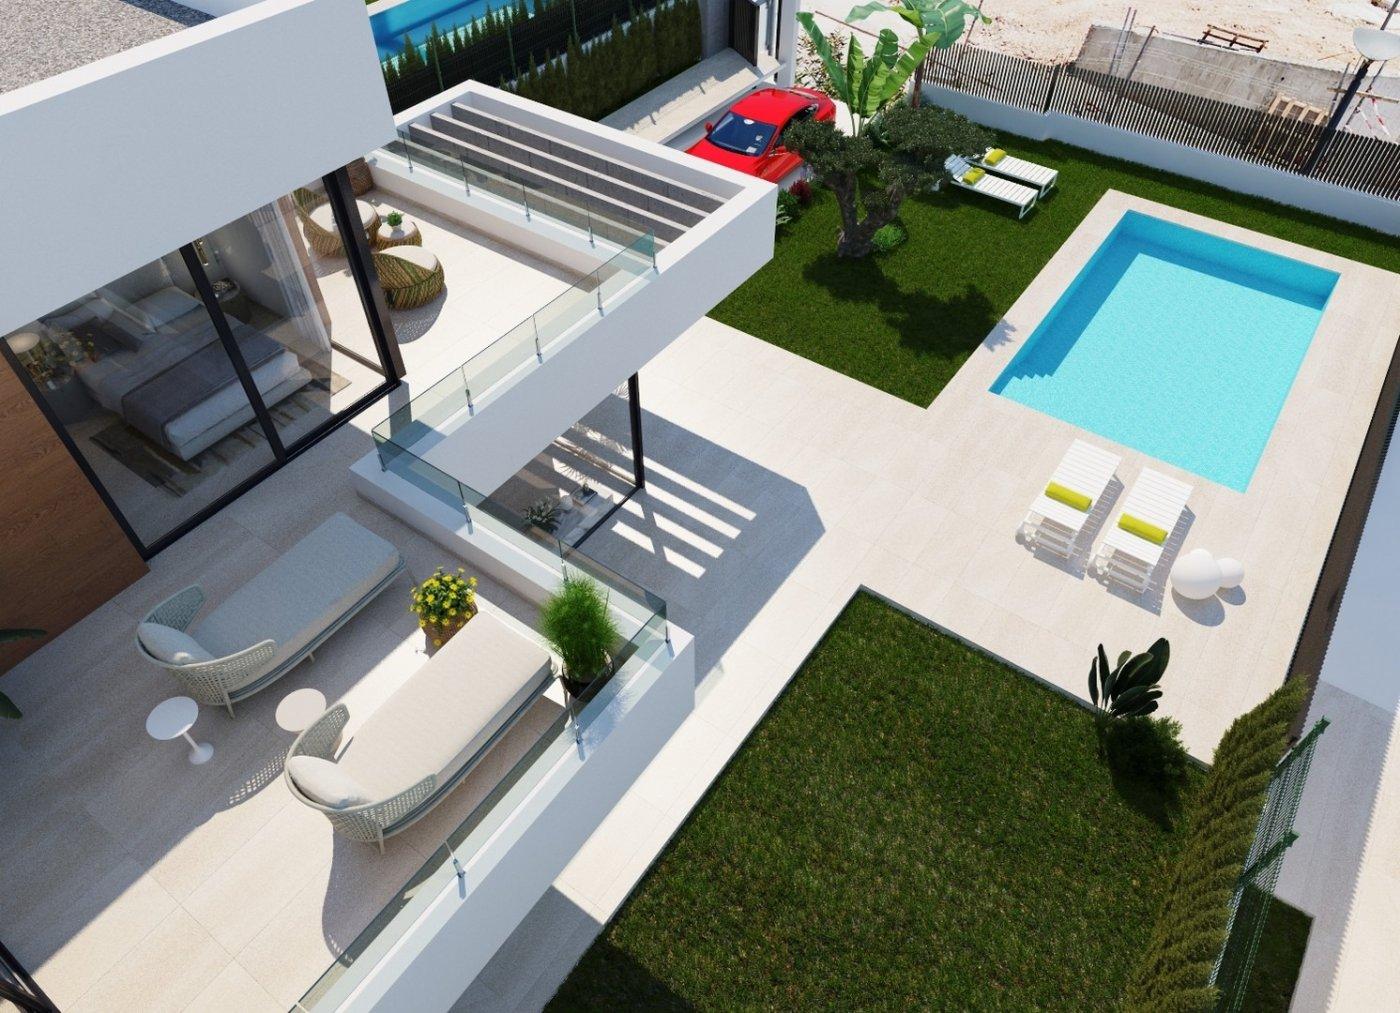 Villas de obra nueva modernas con vistas al mar en sierra cortina - imagenInmueble5